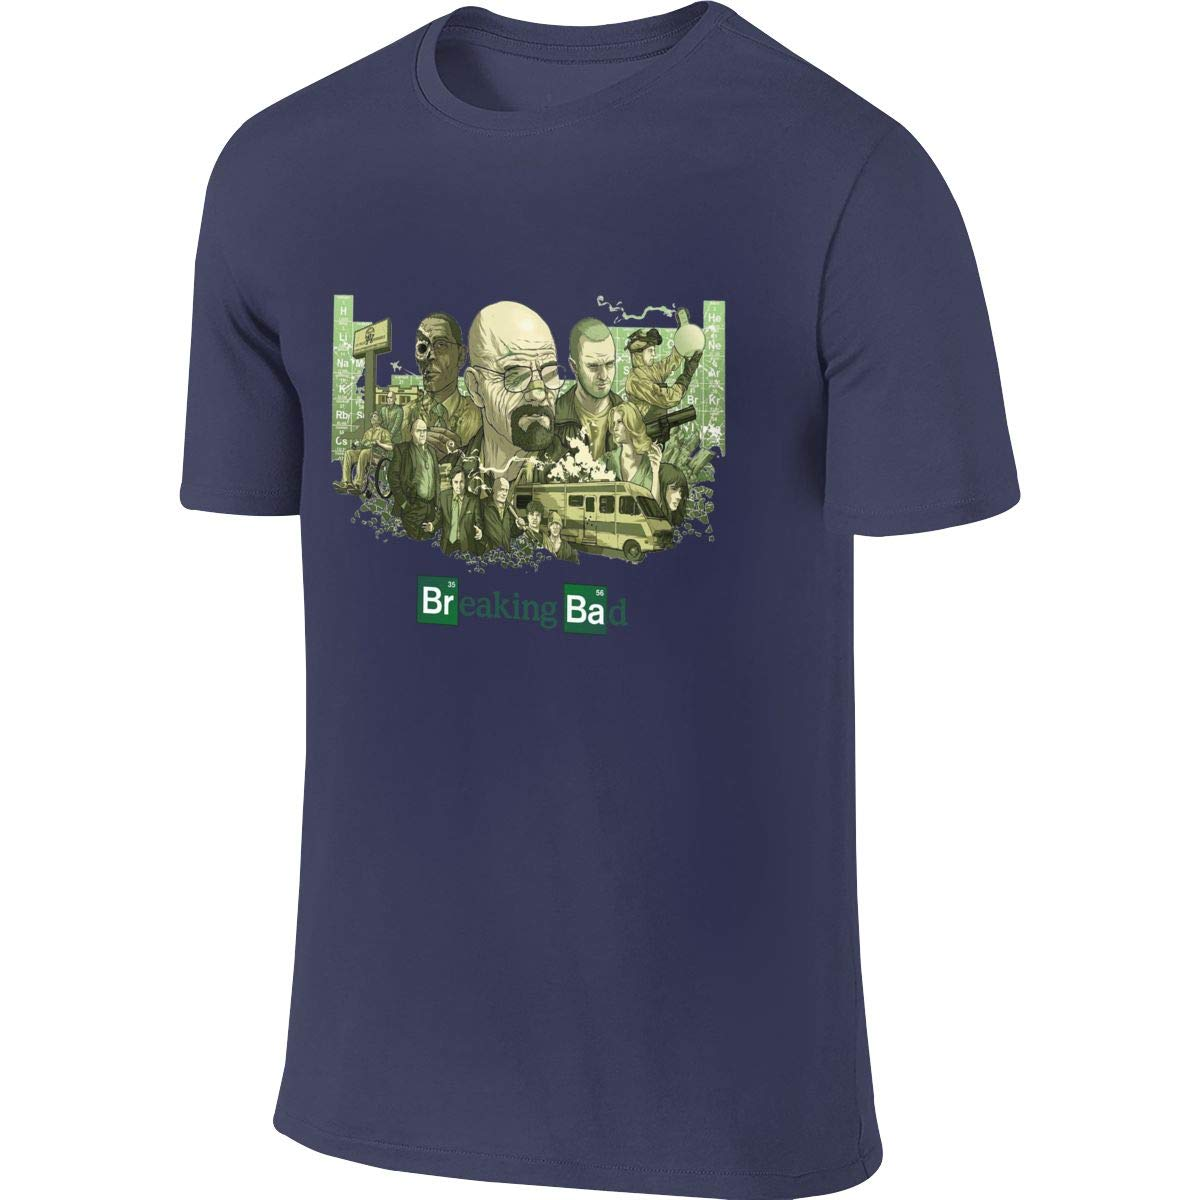 BYSKA Men Designed Cool Tee Shirt Breaking Bad Tshirt